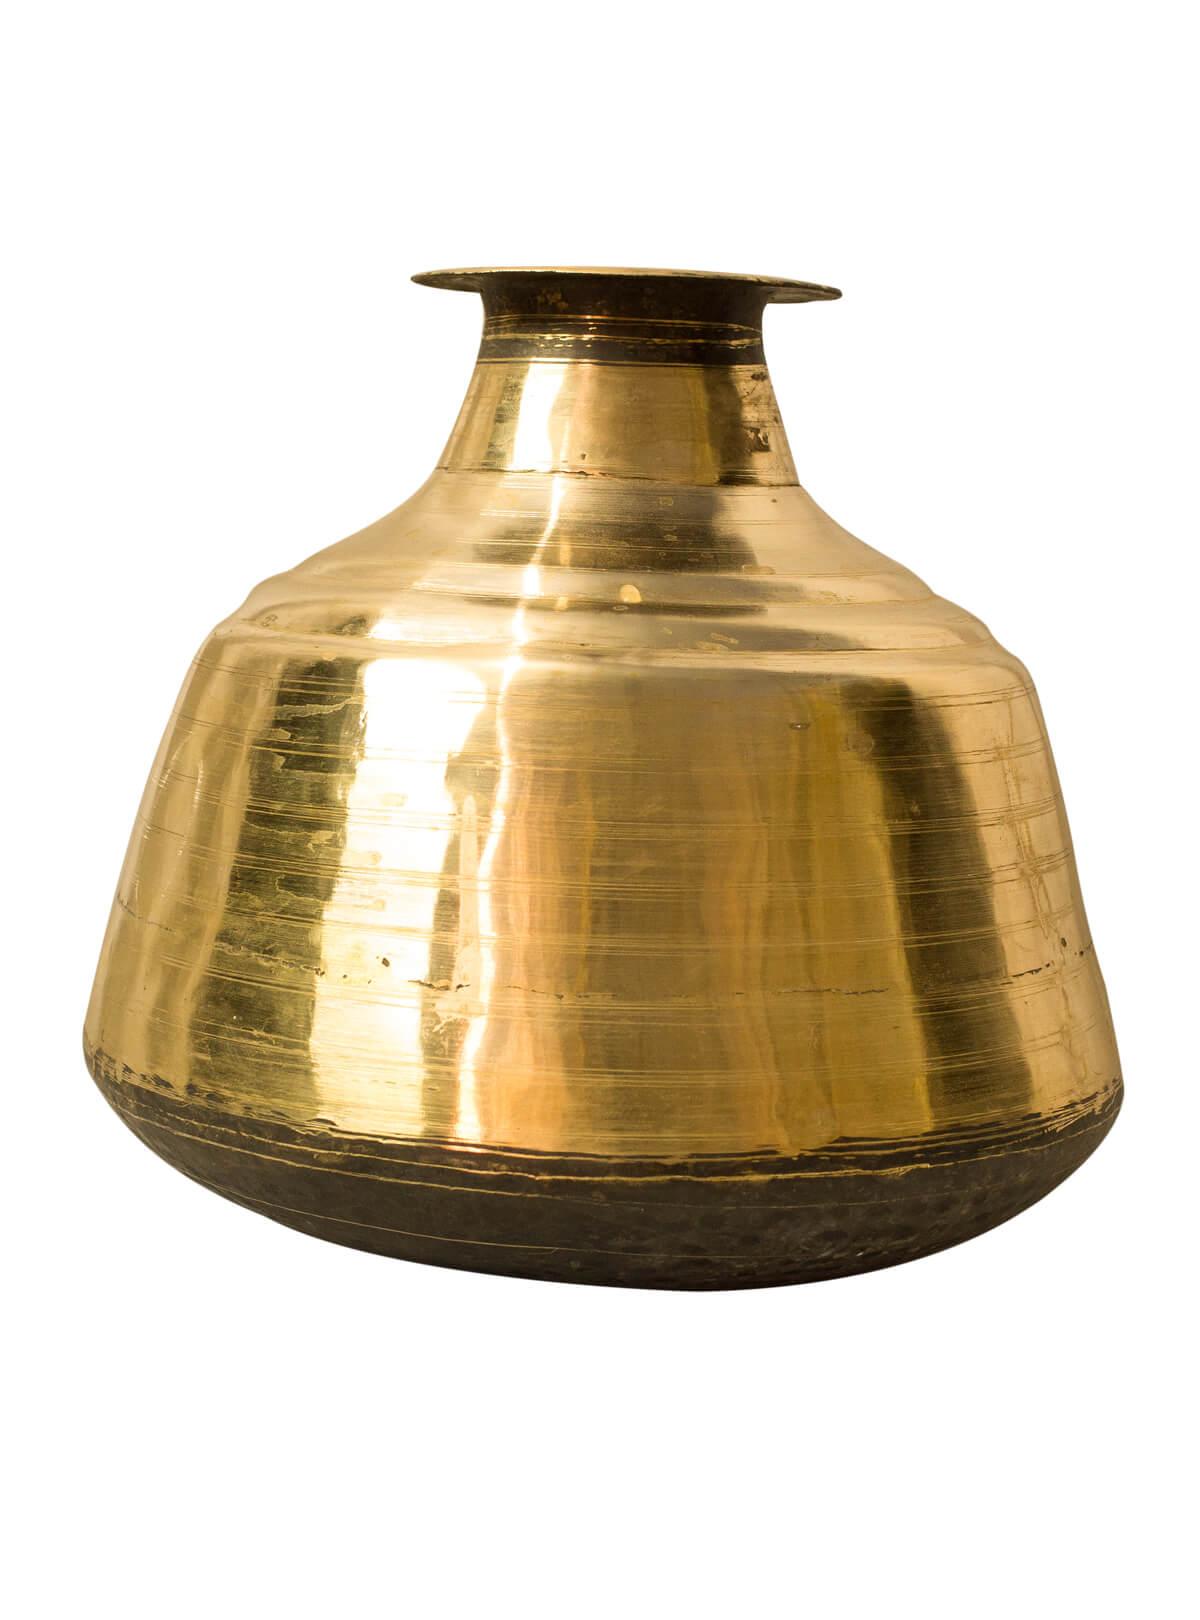 Golden Color Bel-Metal Sorbosundori Pitcher/ Water Jar